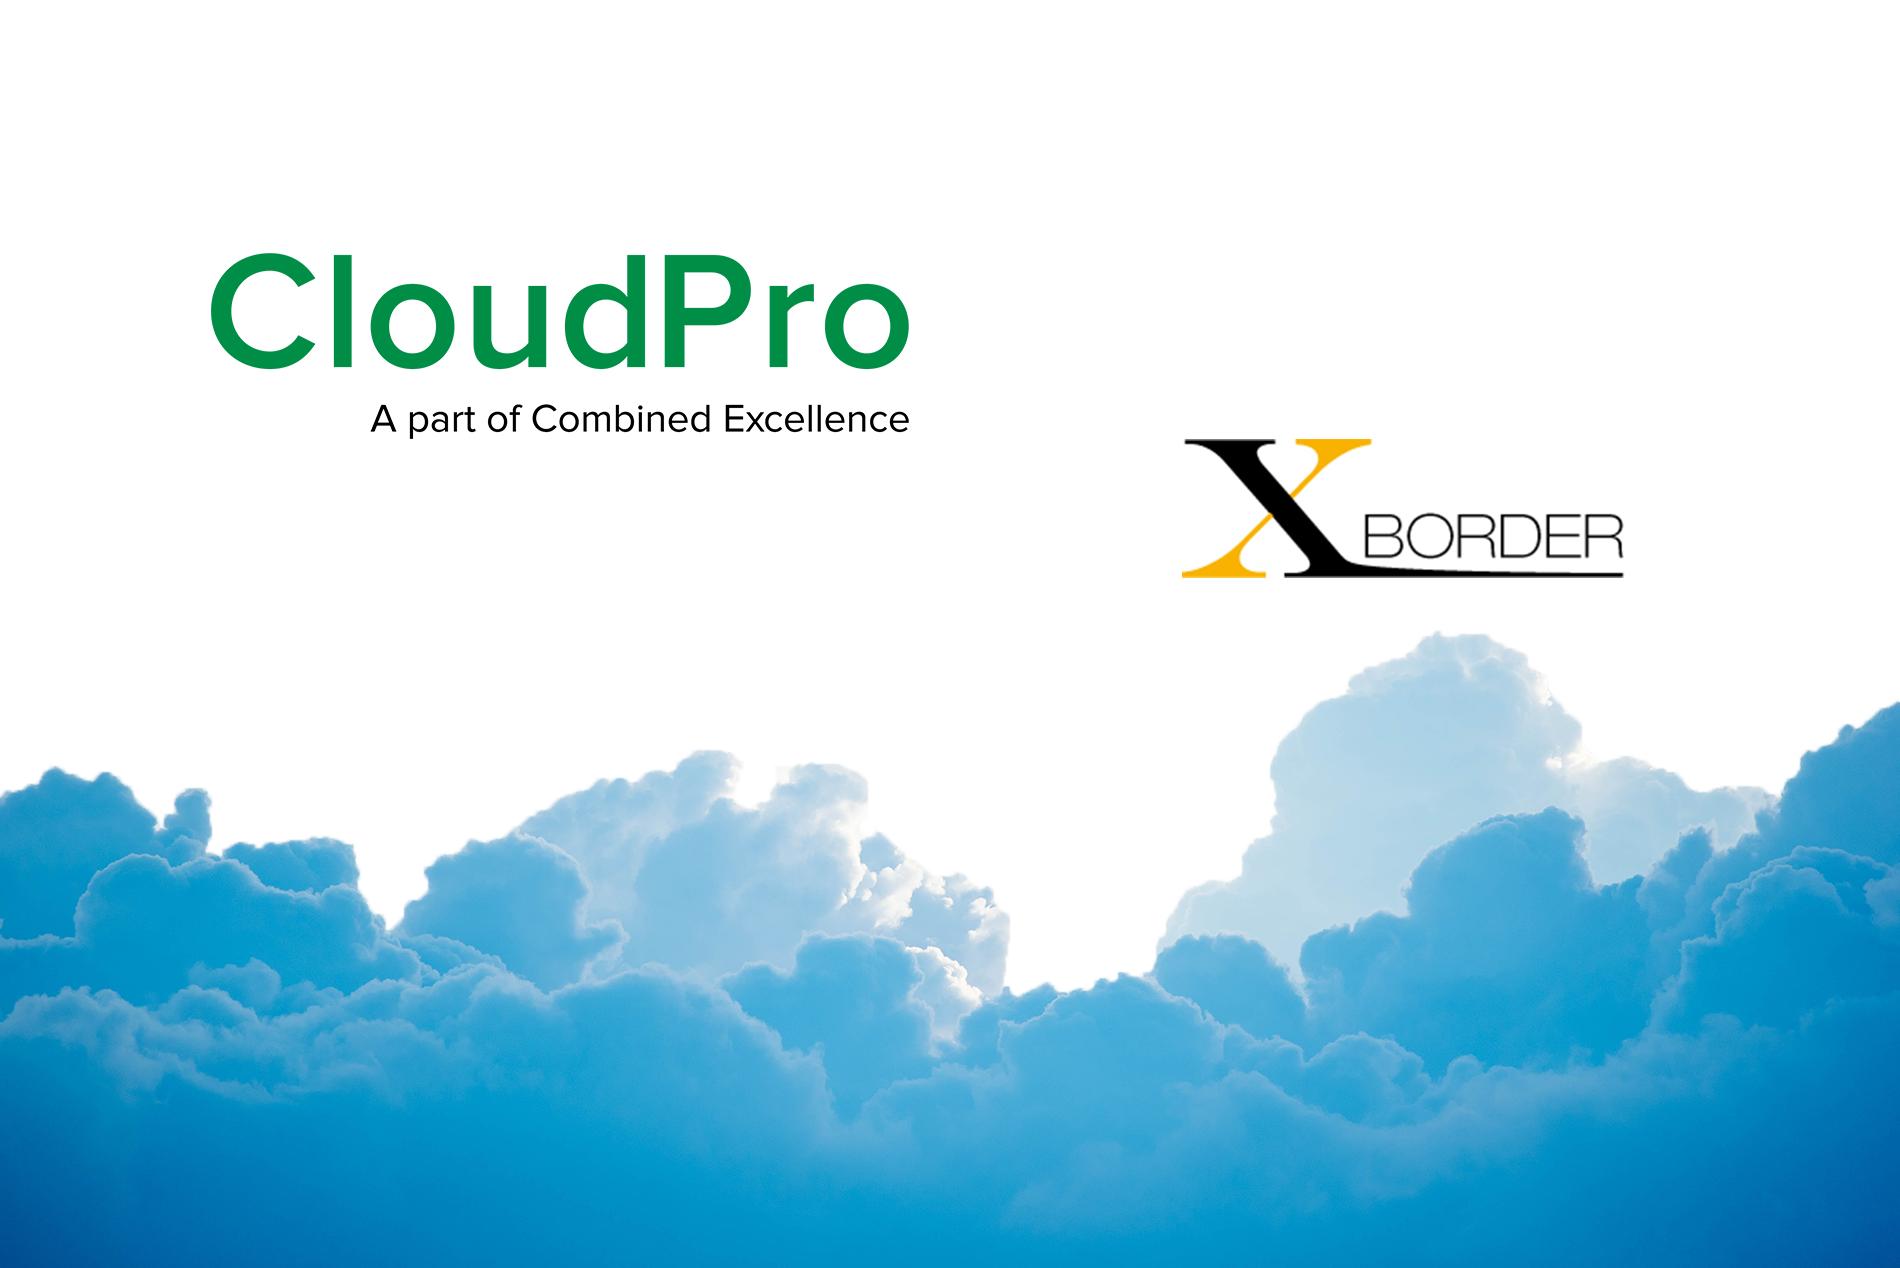 CloudPro förvärvar X-Border.